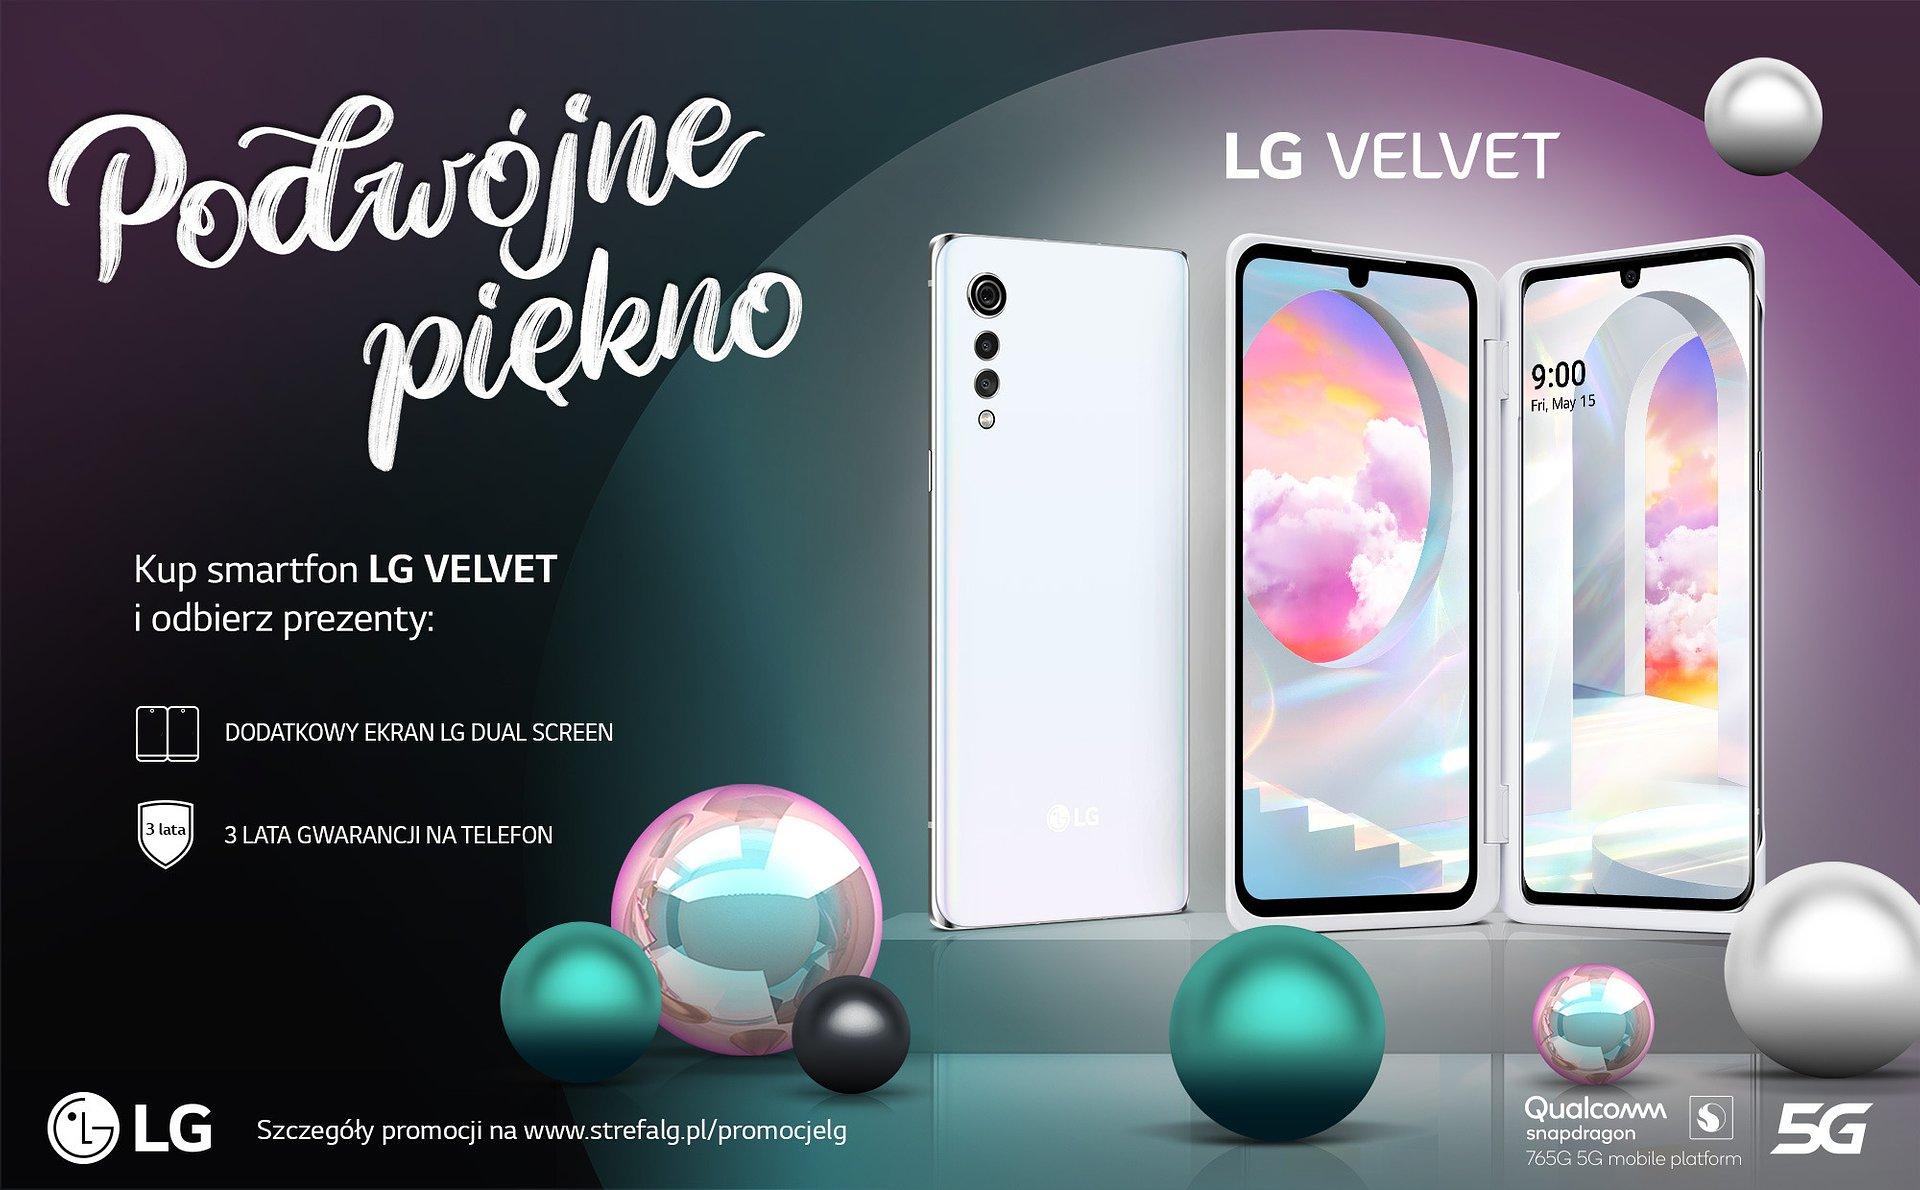 Moc wakacyjnych promocji od LG! Deskorolka, dodatkowy ekran OLED LG Dual Screen czy bezprzewodowe słuchawki!